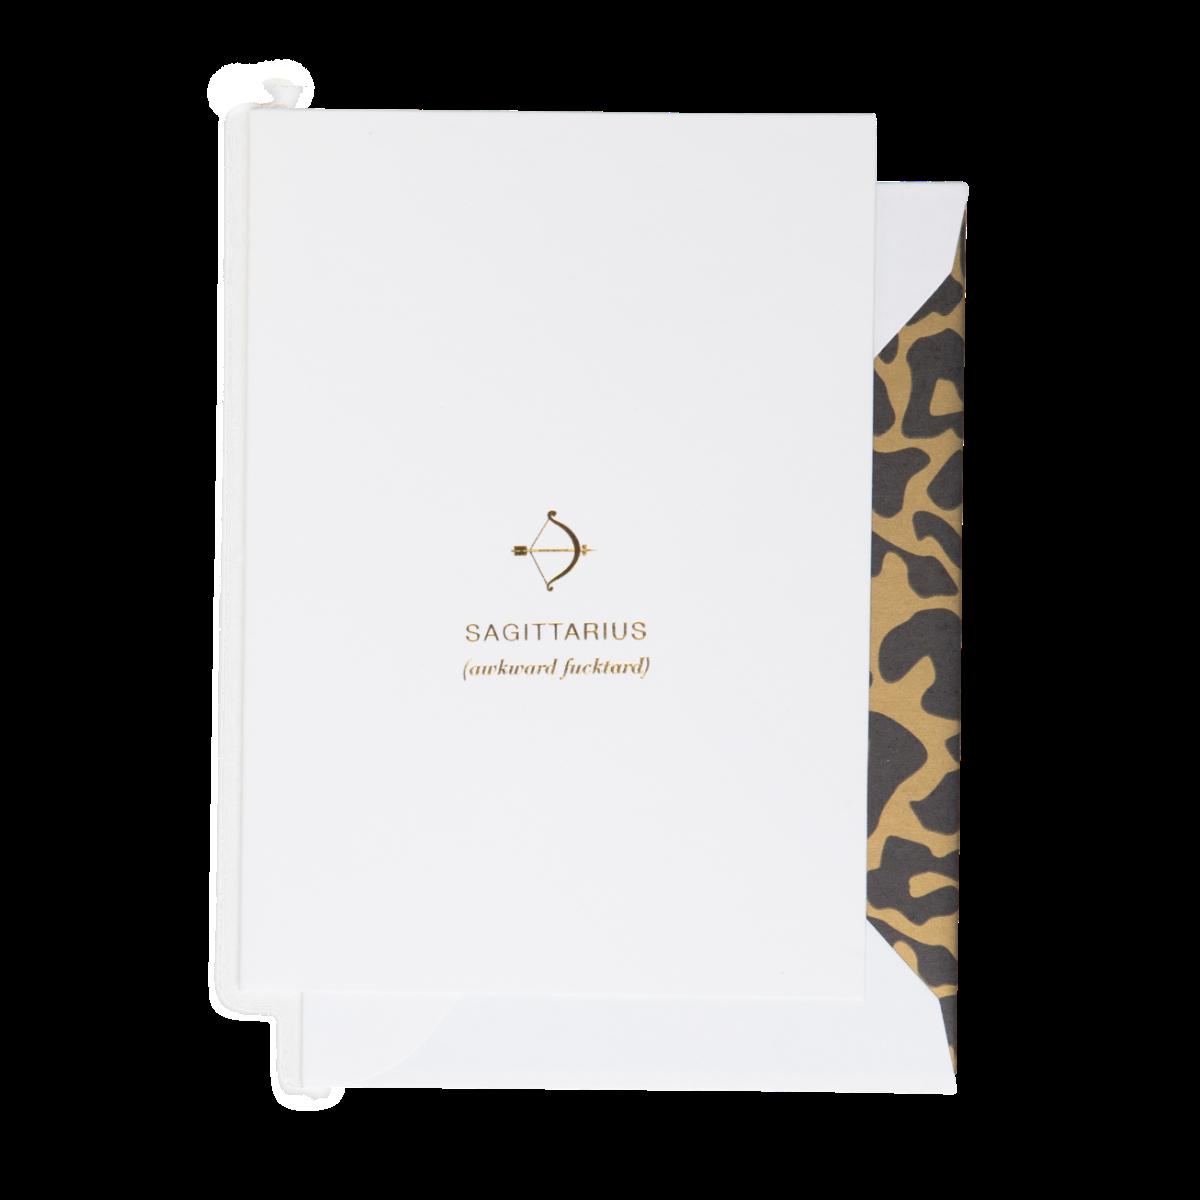 Cardsome | Cards - Sagittarius